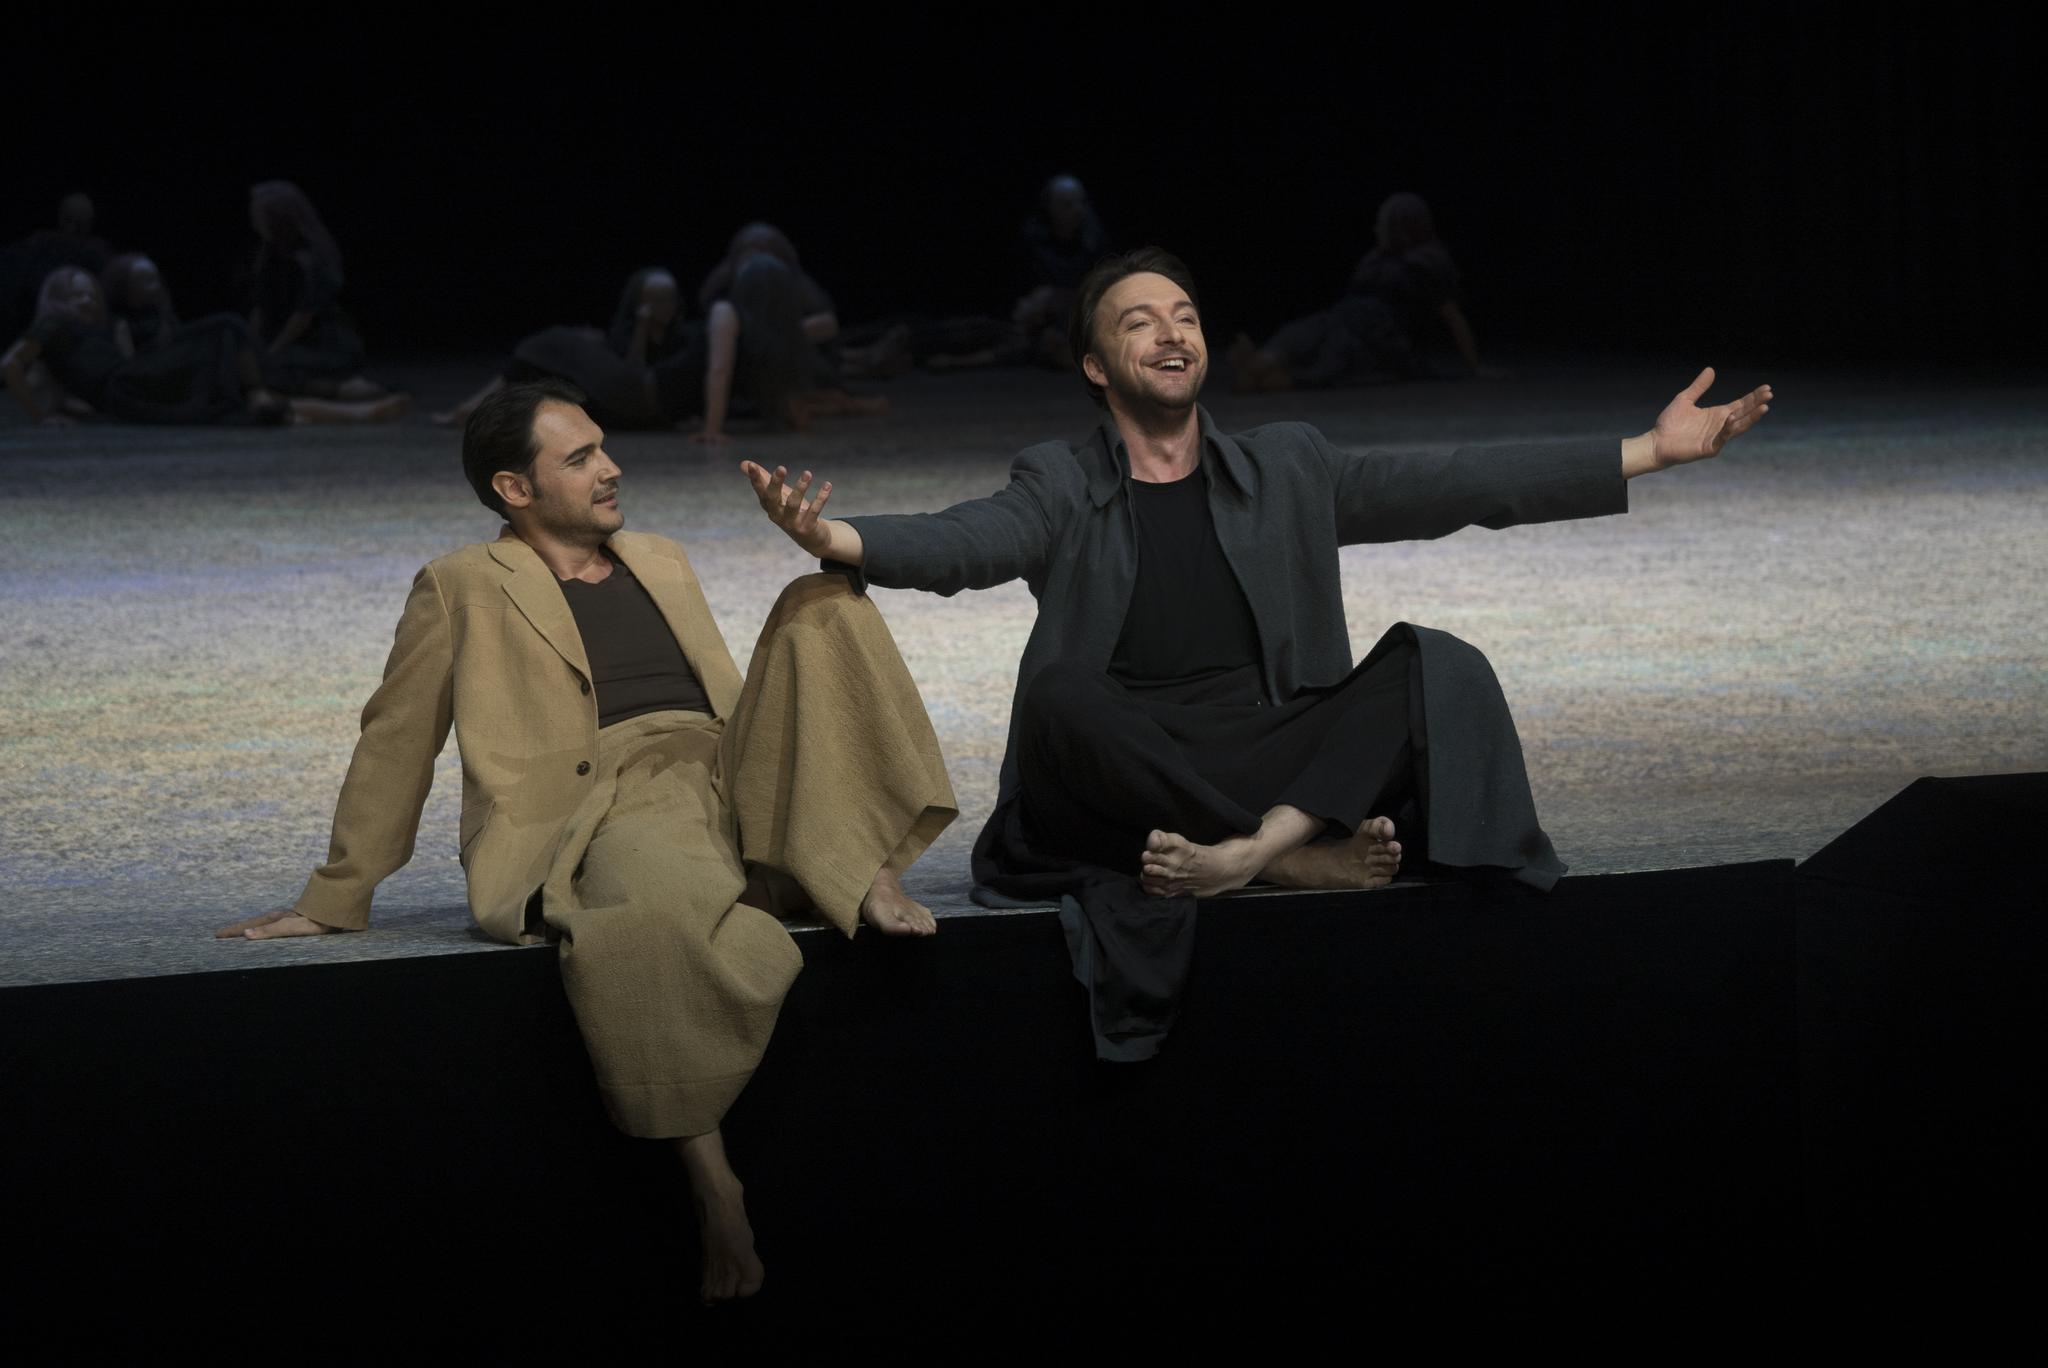 电影大师文德斯跨界导歌剧《采珠人》,因为旋